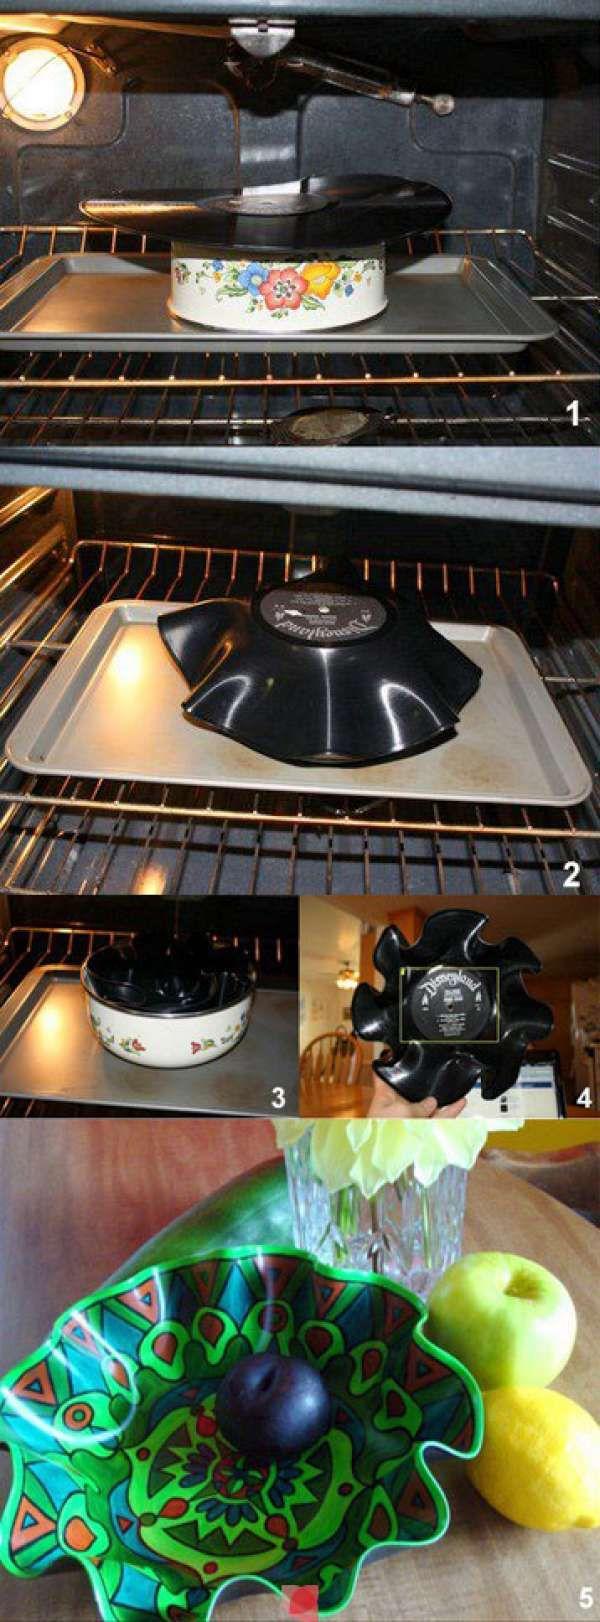 Une corbeille à fruits avec un vieux vinyle. 12 créations originales à partir de vieux vinyles